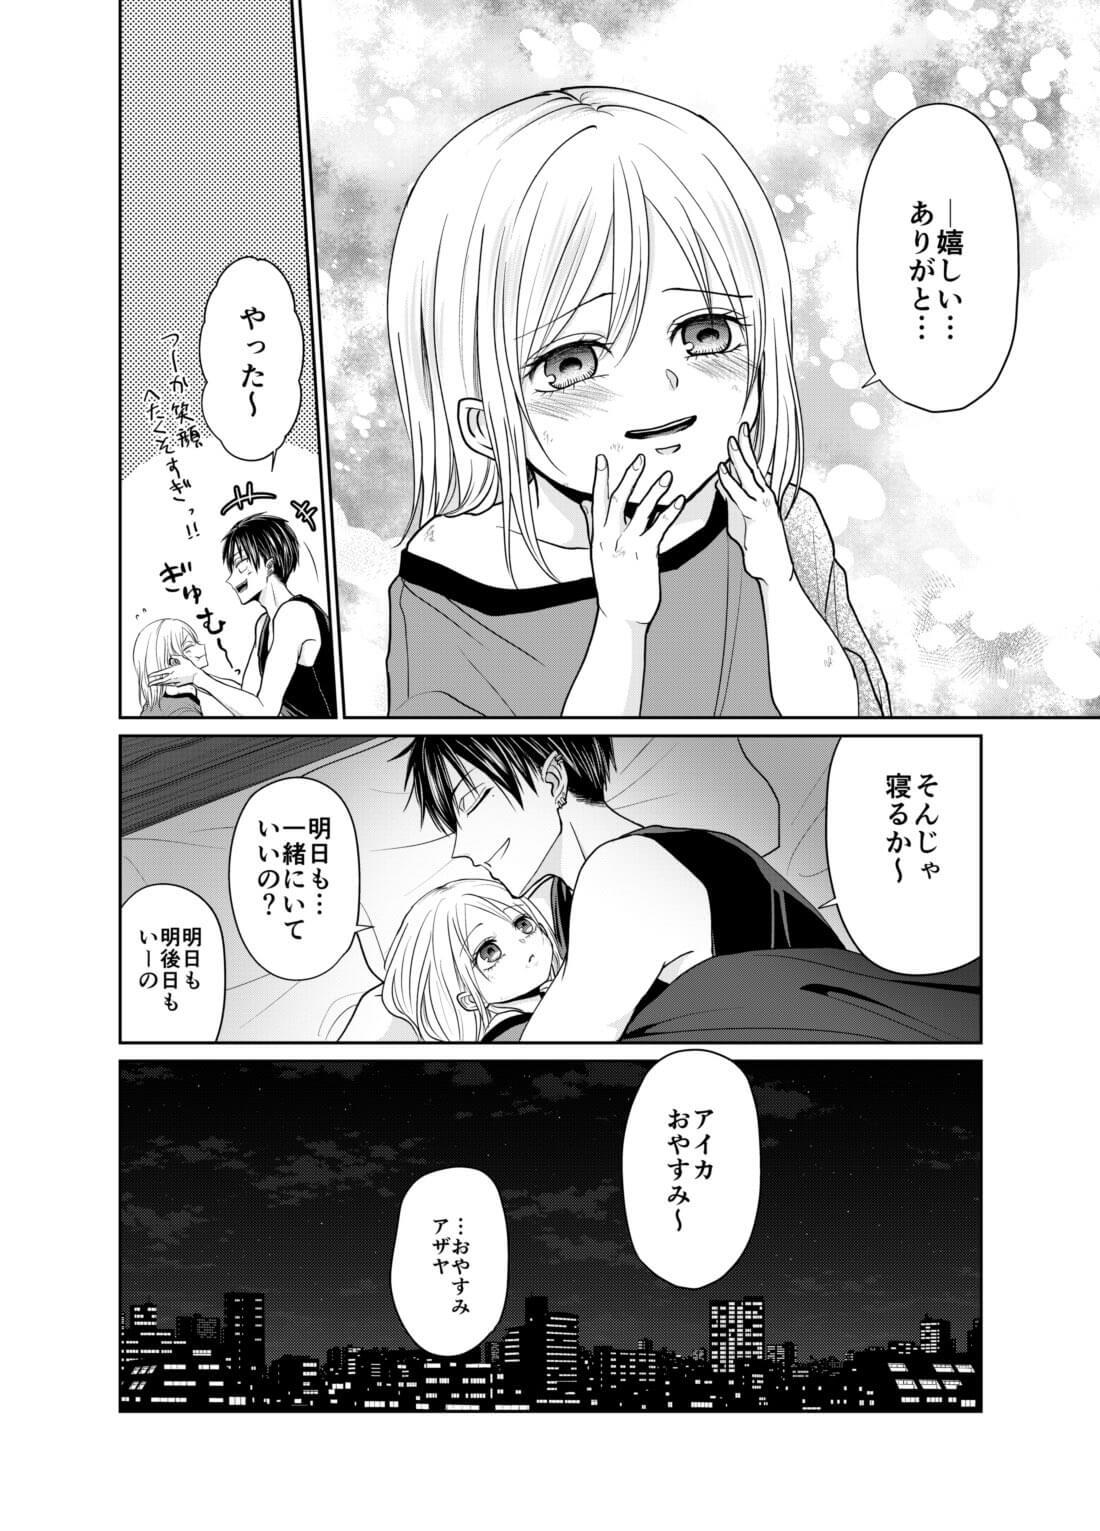 吸血鬼と幼女3-6